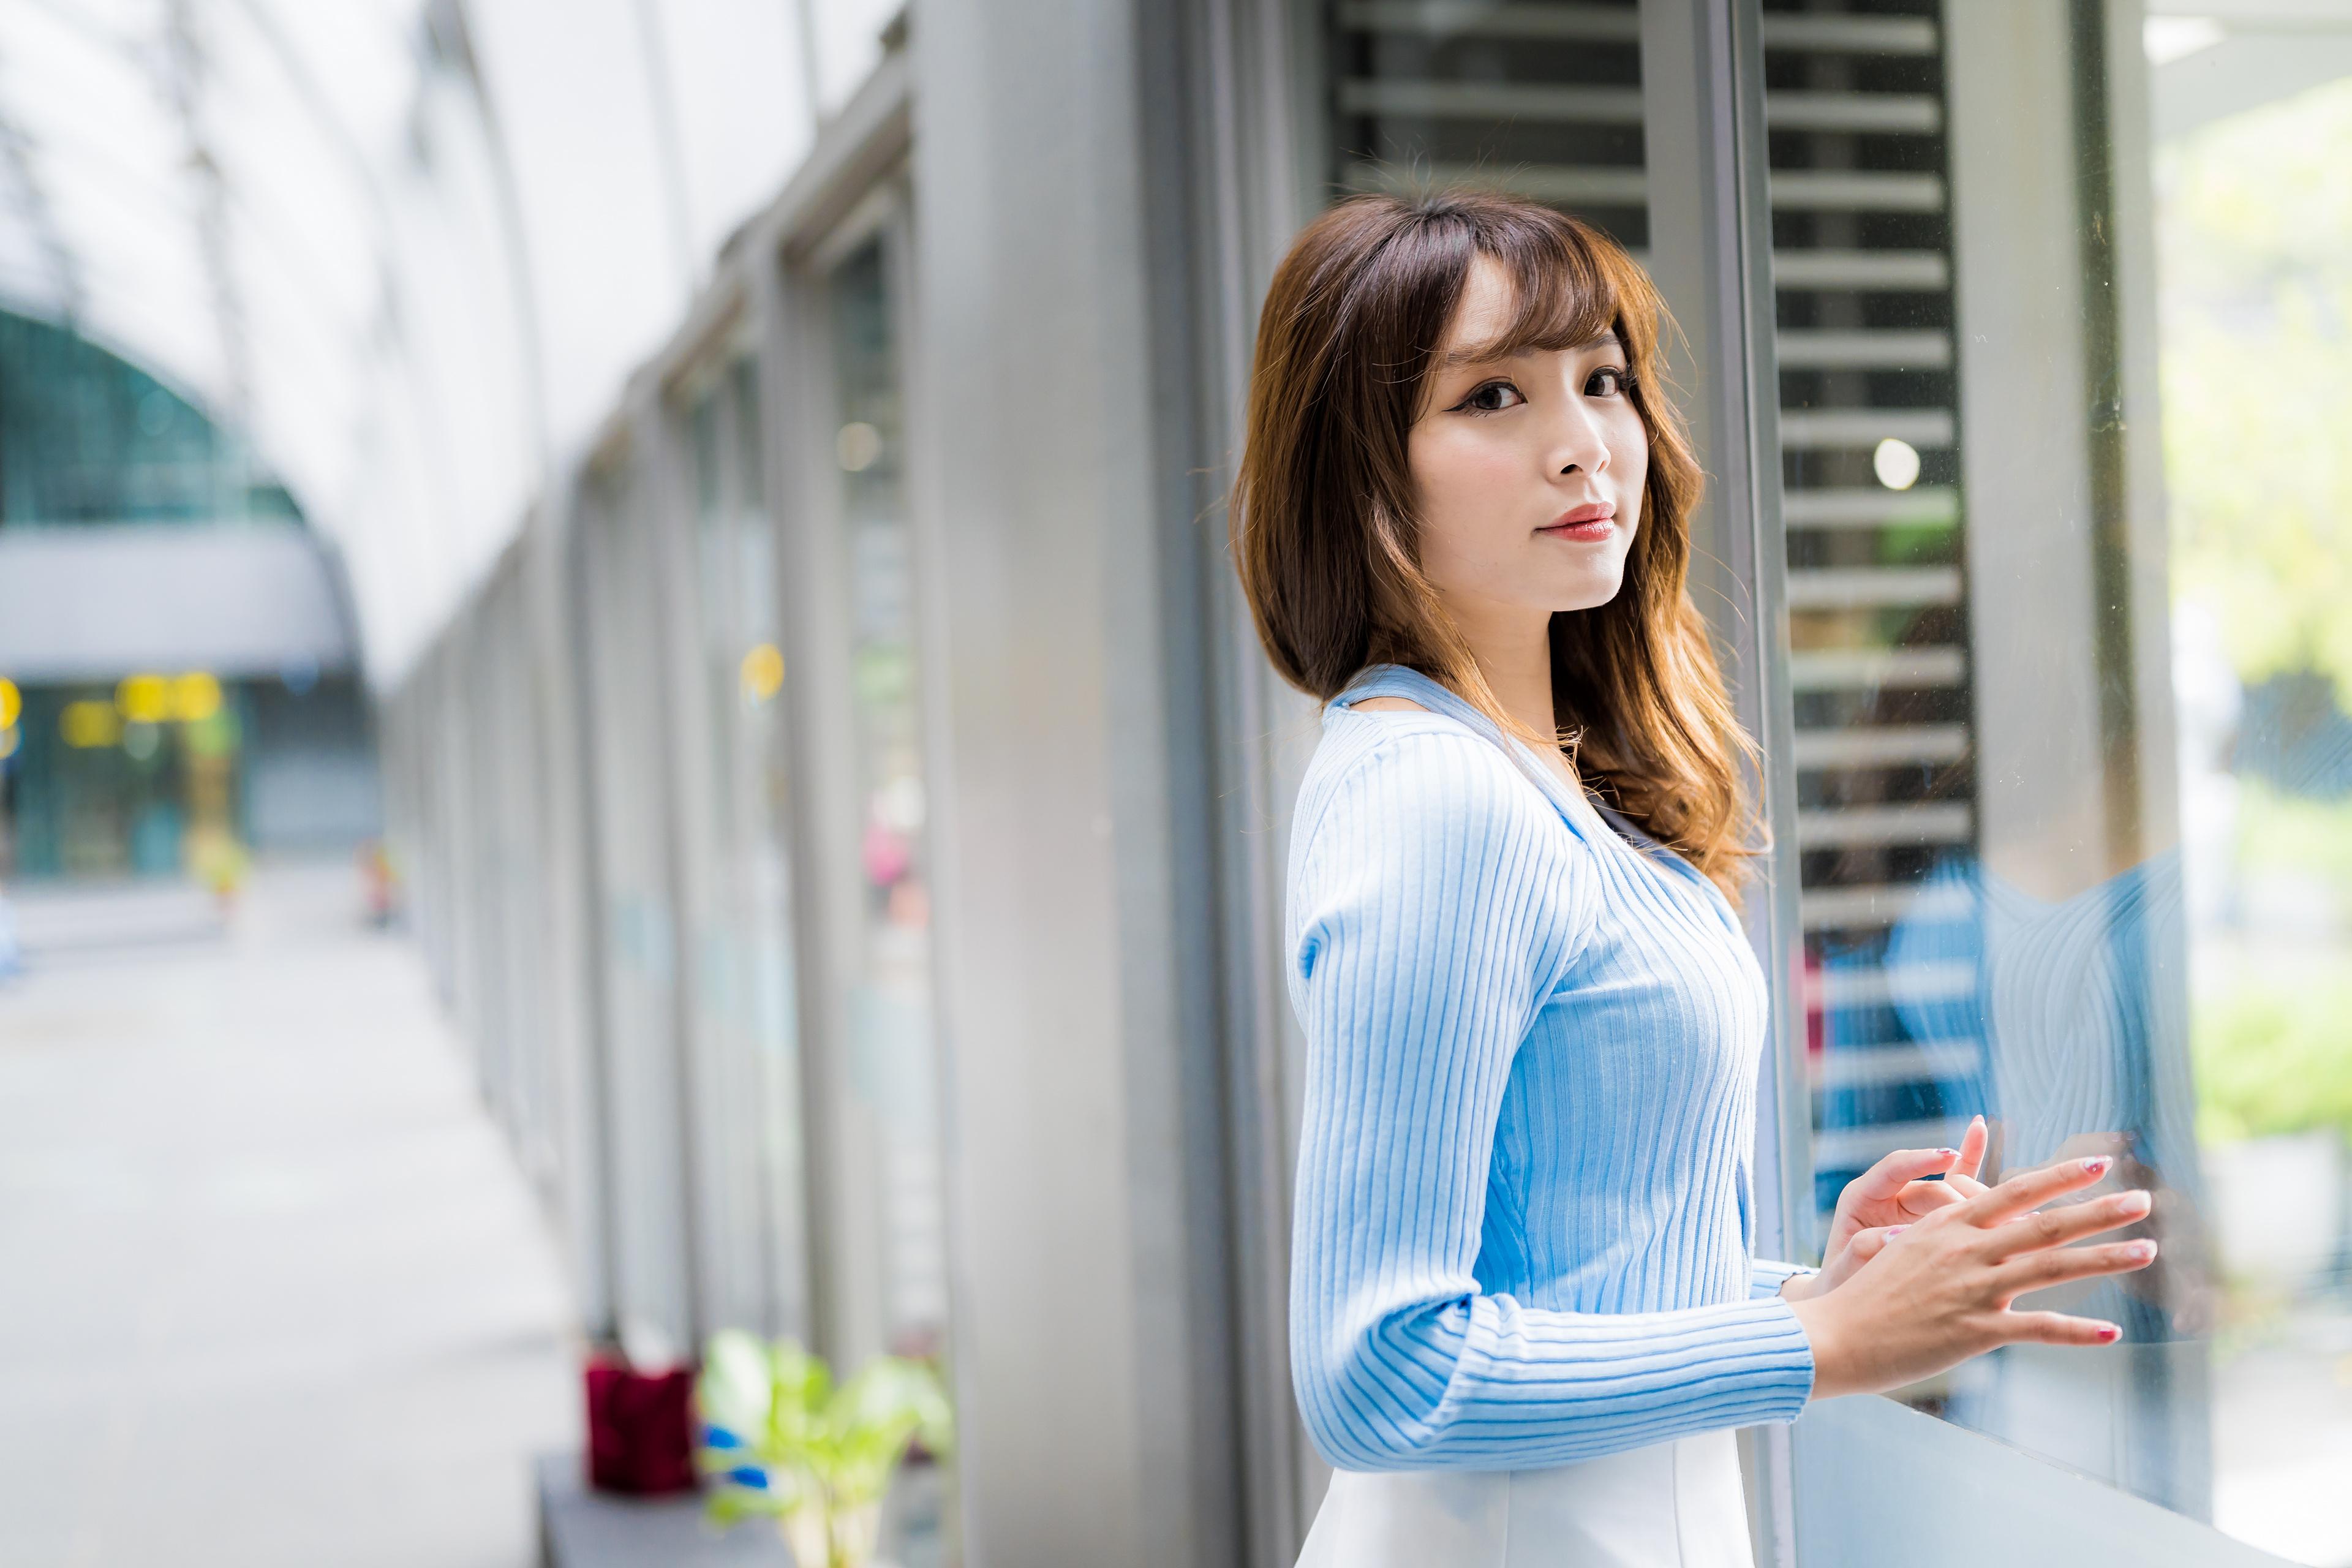 Bilder von Braune Haare Bokeh junge frau asiatisches Starren Braunhaarige unscharfer Hintergrund Mädchens junge Frauen Asiaten Asiatische Blick